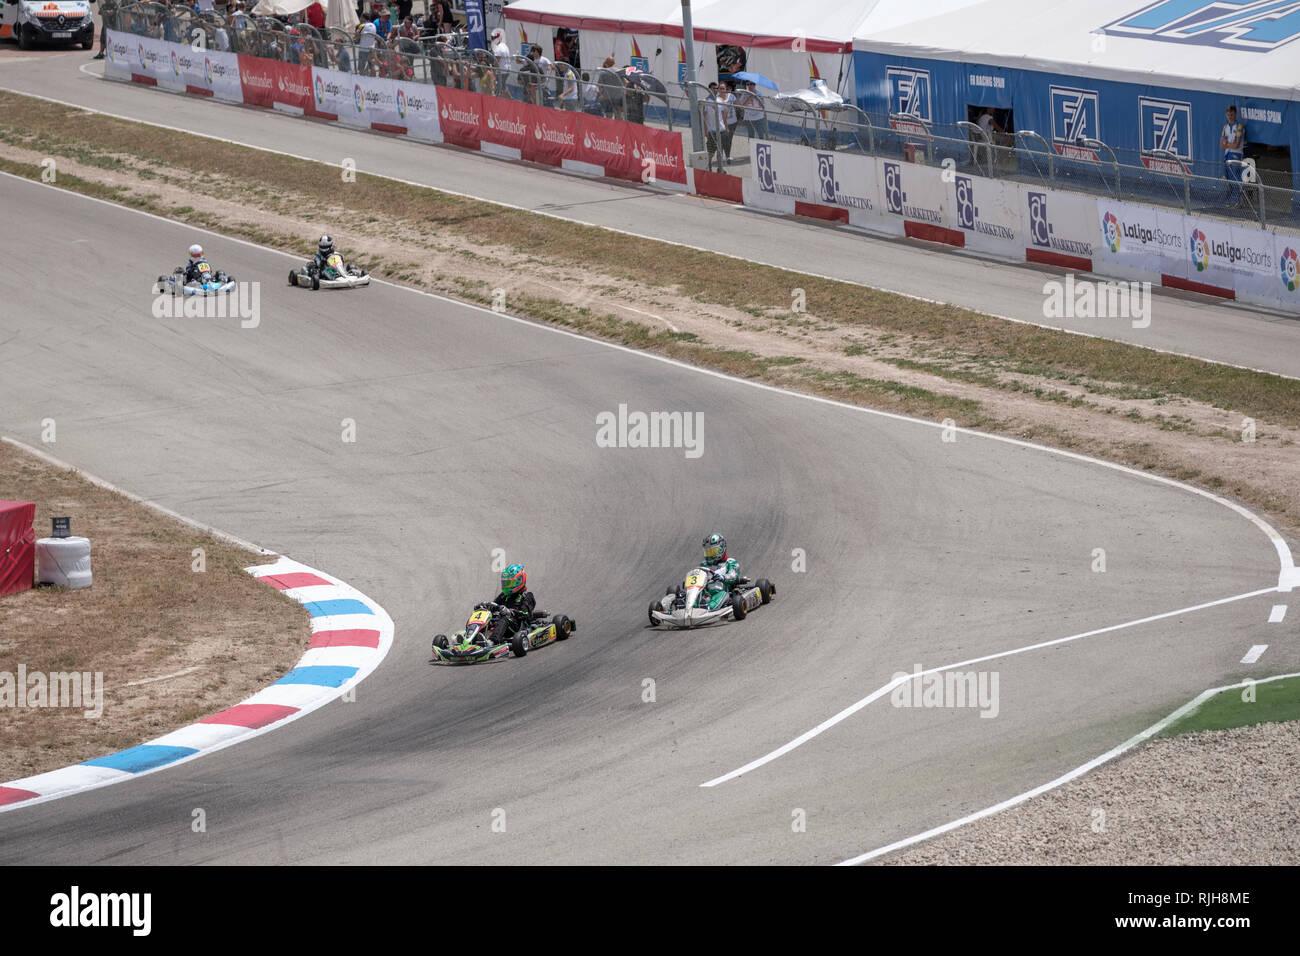 Go Karts auf Schiene laufen, erste Ecke, Campillos, Malaga, Spanien Stockbild